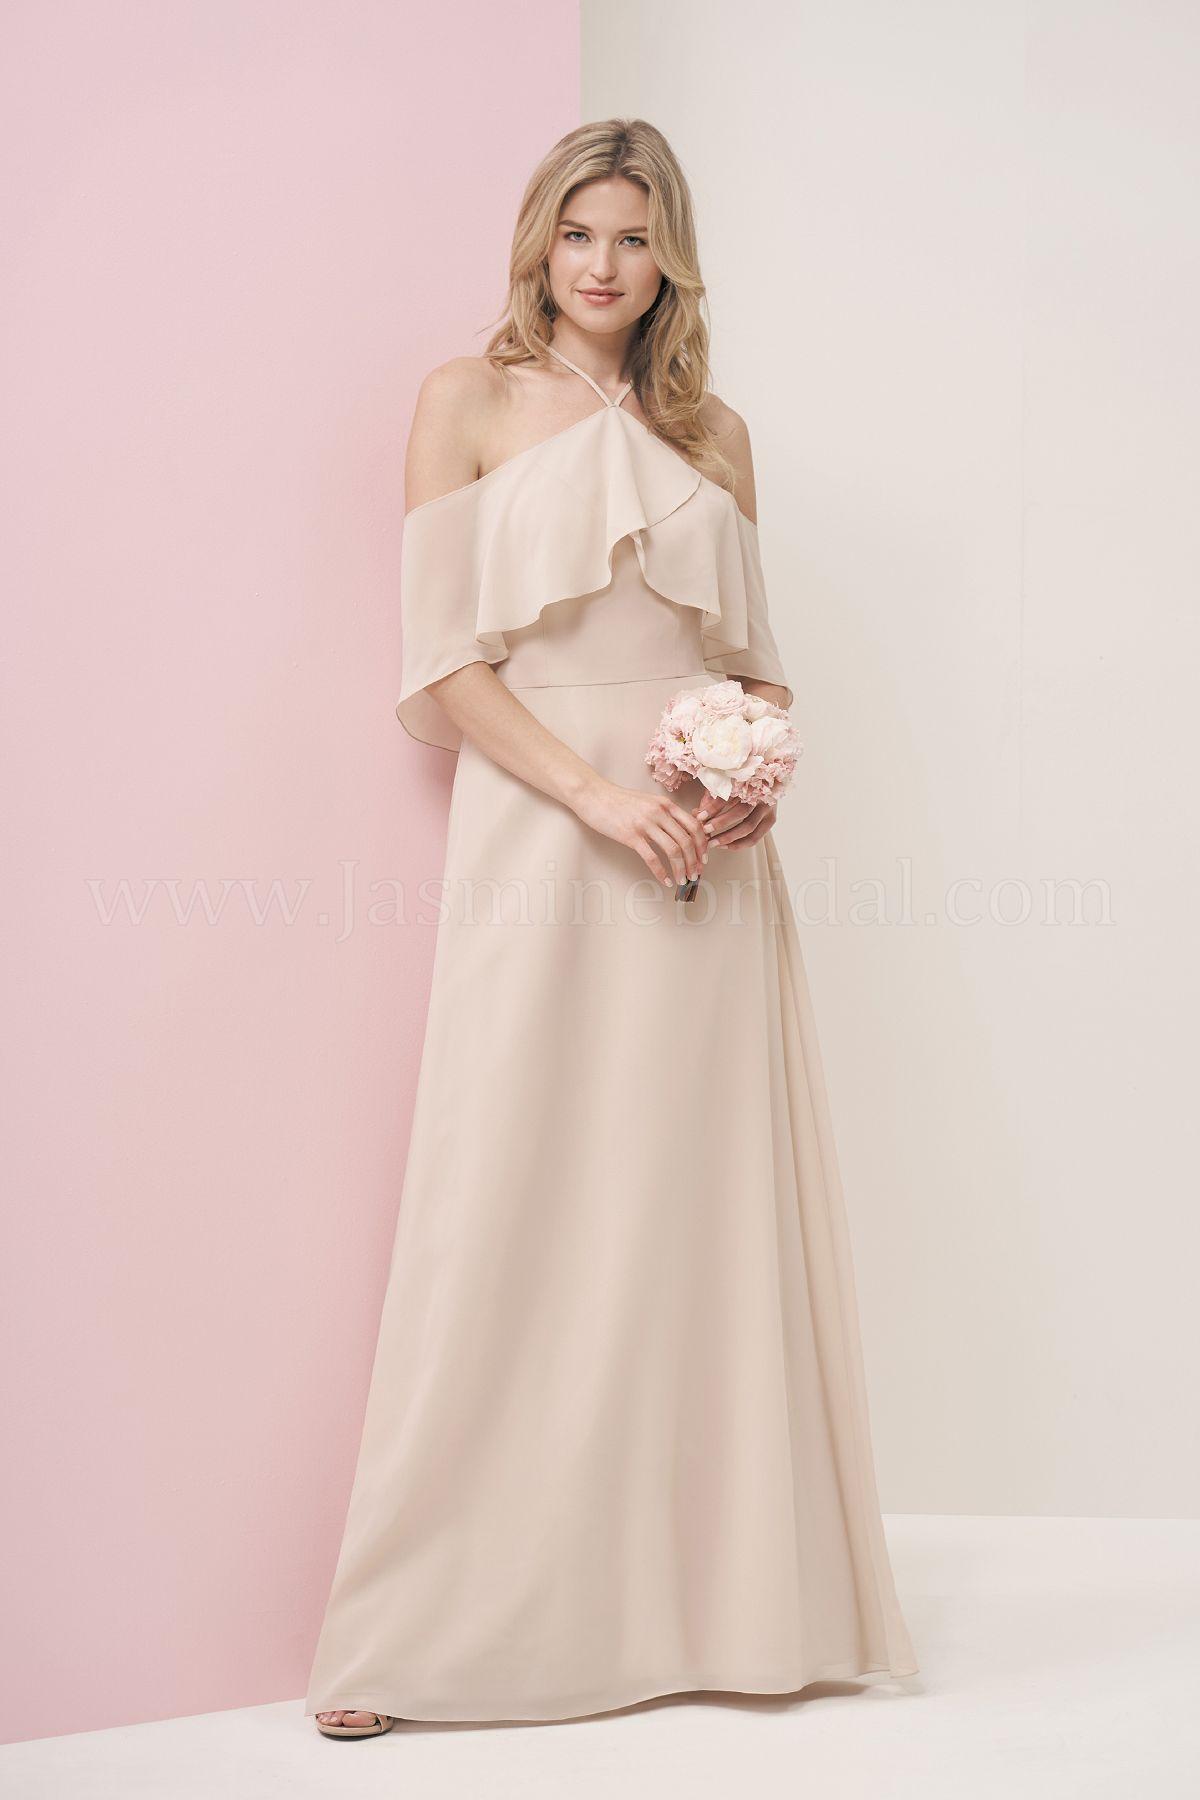 bridesmaid-dresses-P196054-F